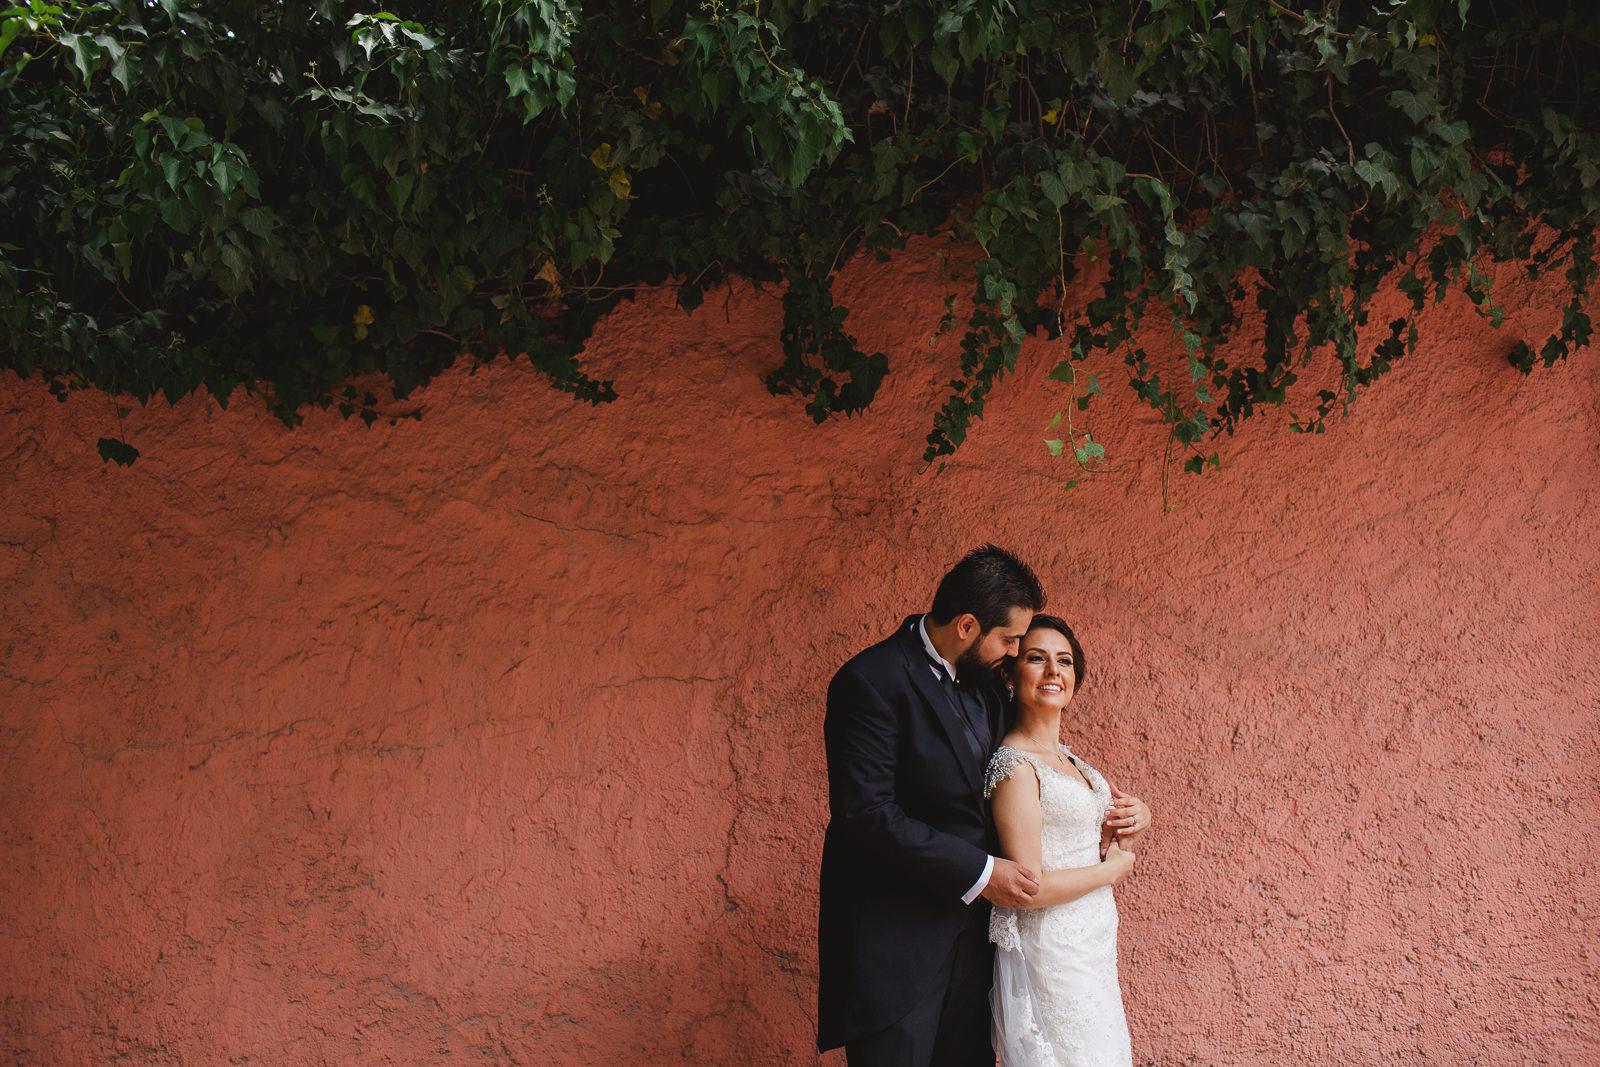 fotografo-de-bodas-san-miguel-de-allende-020